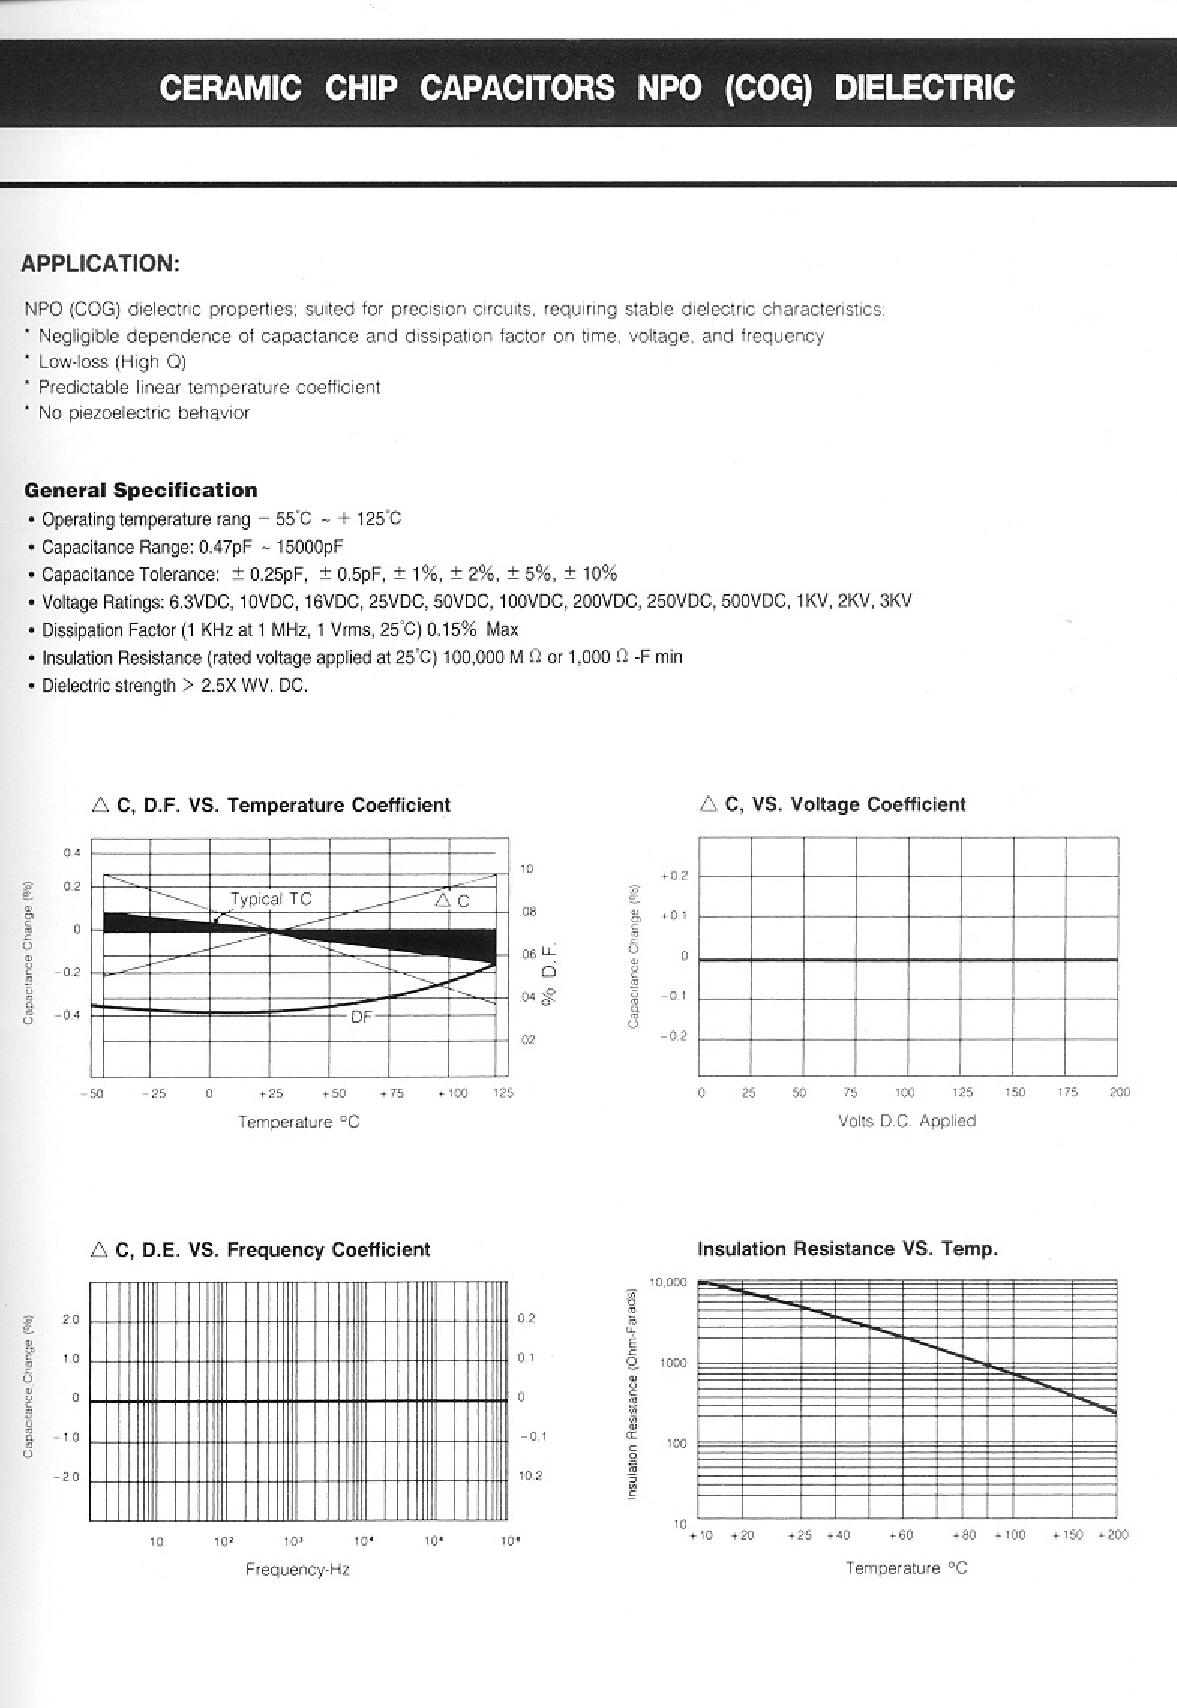 NP00402100G1HPB 데이터시트 및 NP00402100G1HPB PDF